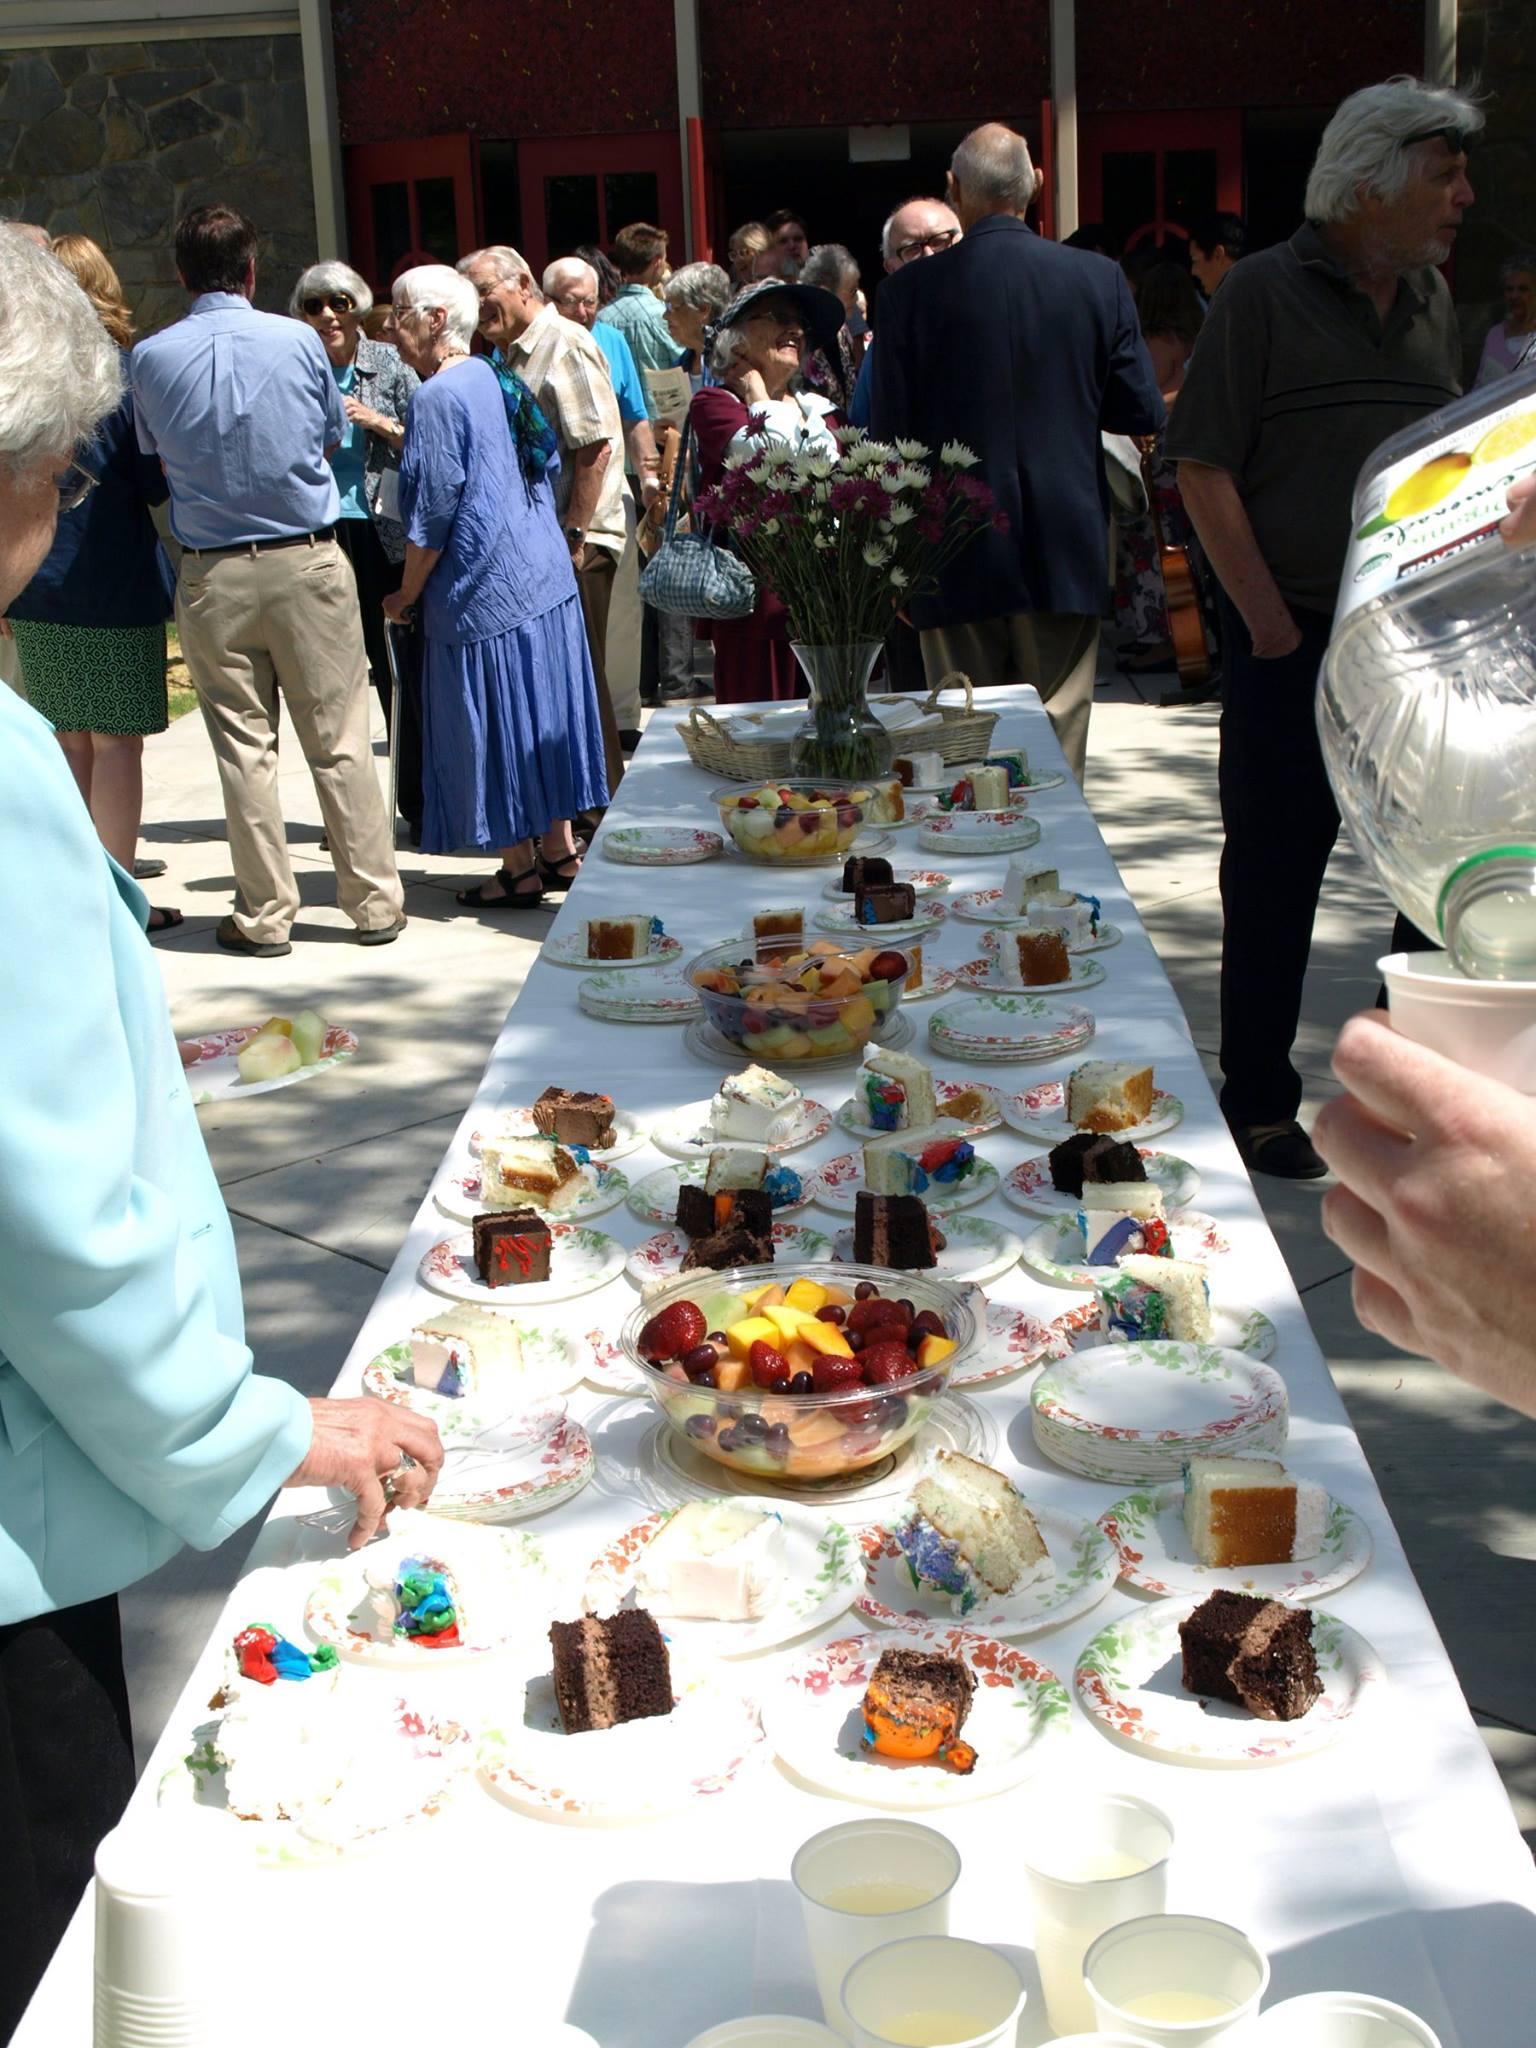 claremont-presbyterian-church-desert-table.jpg